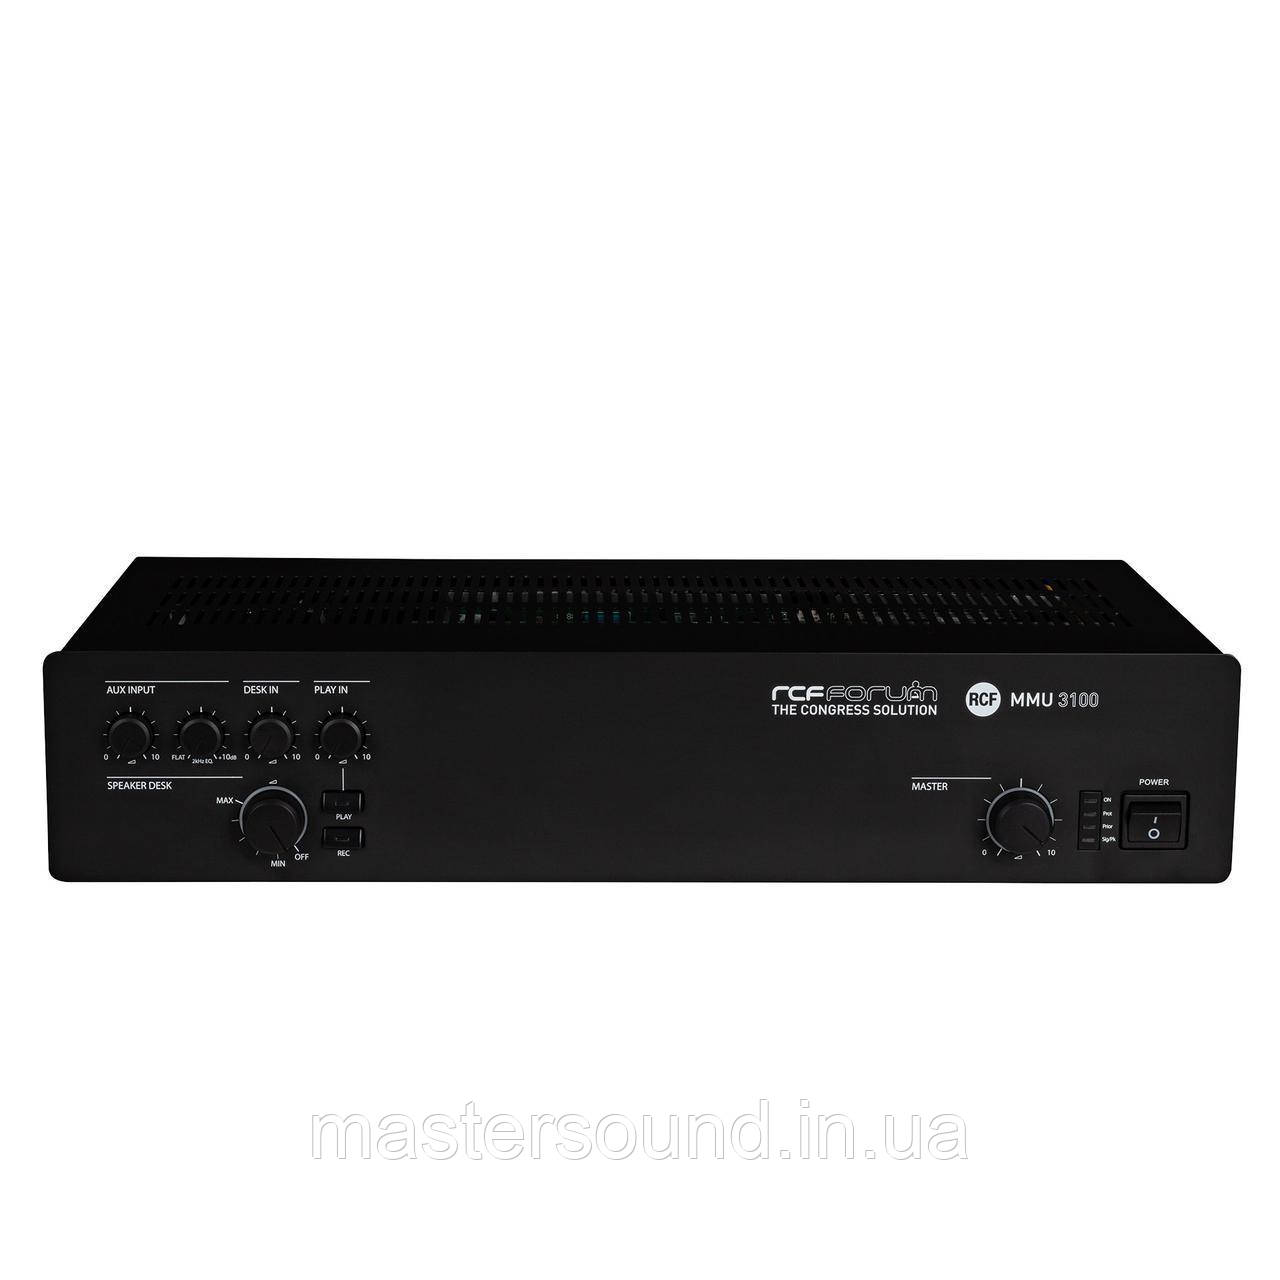 Центральный блокконференц-системы RCF MMU 3100